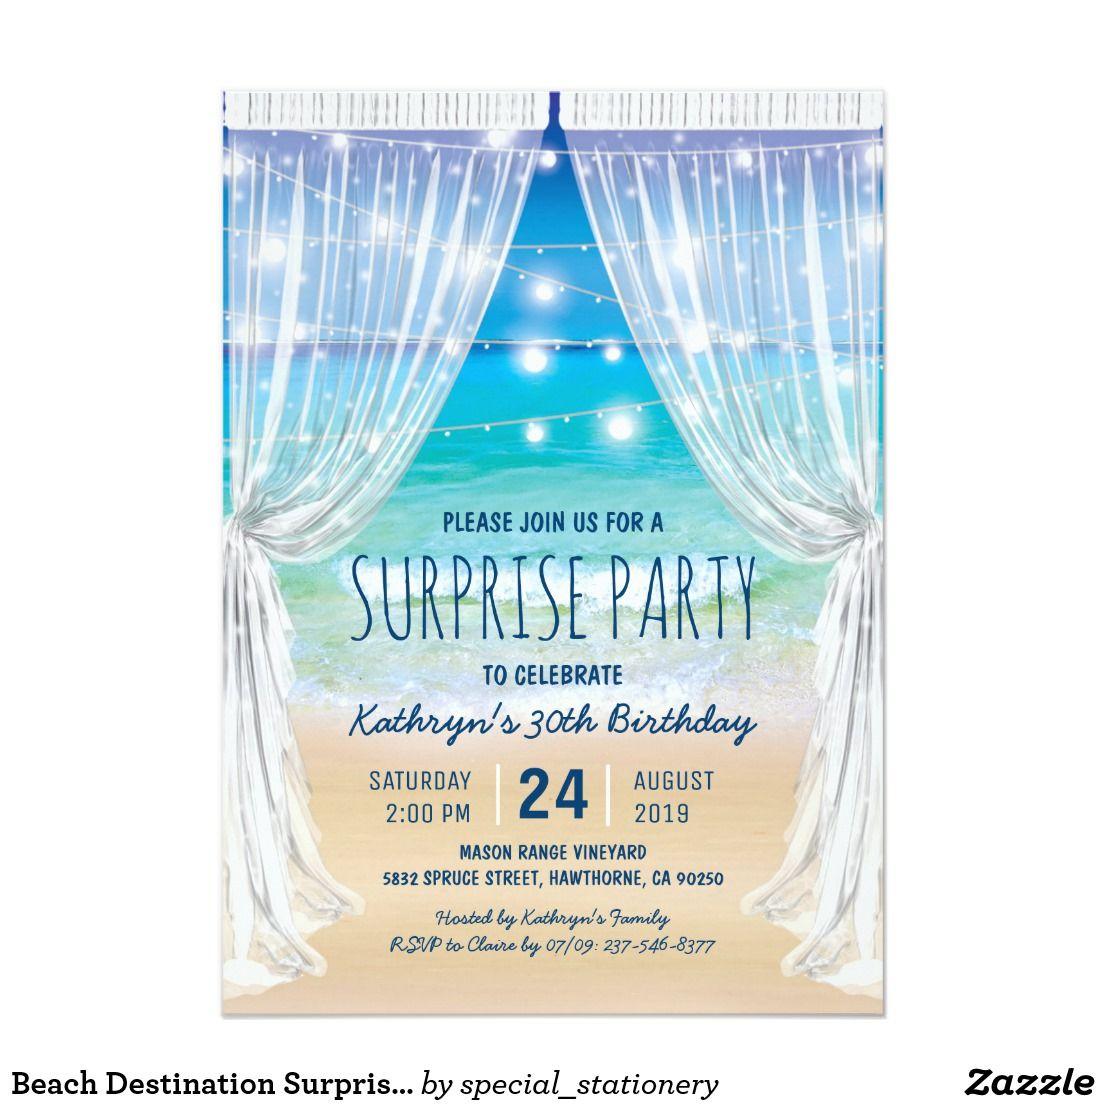 Beach Destination Surprise Birthday Party Invitation Zazzle Com